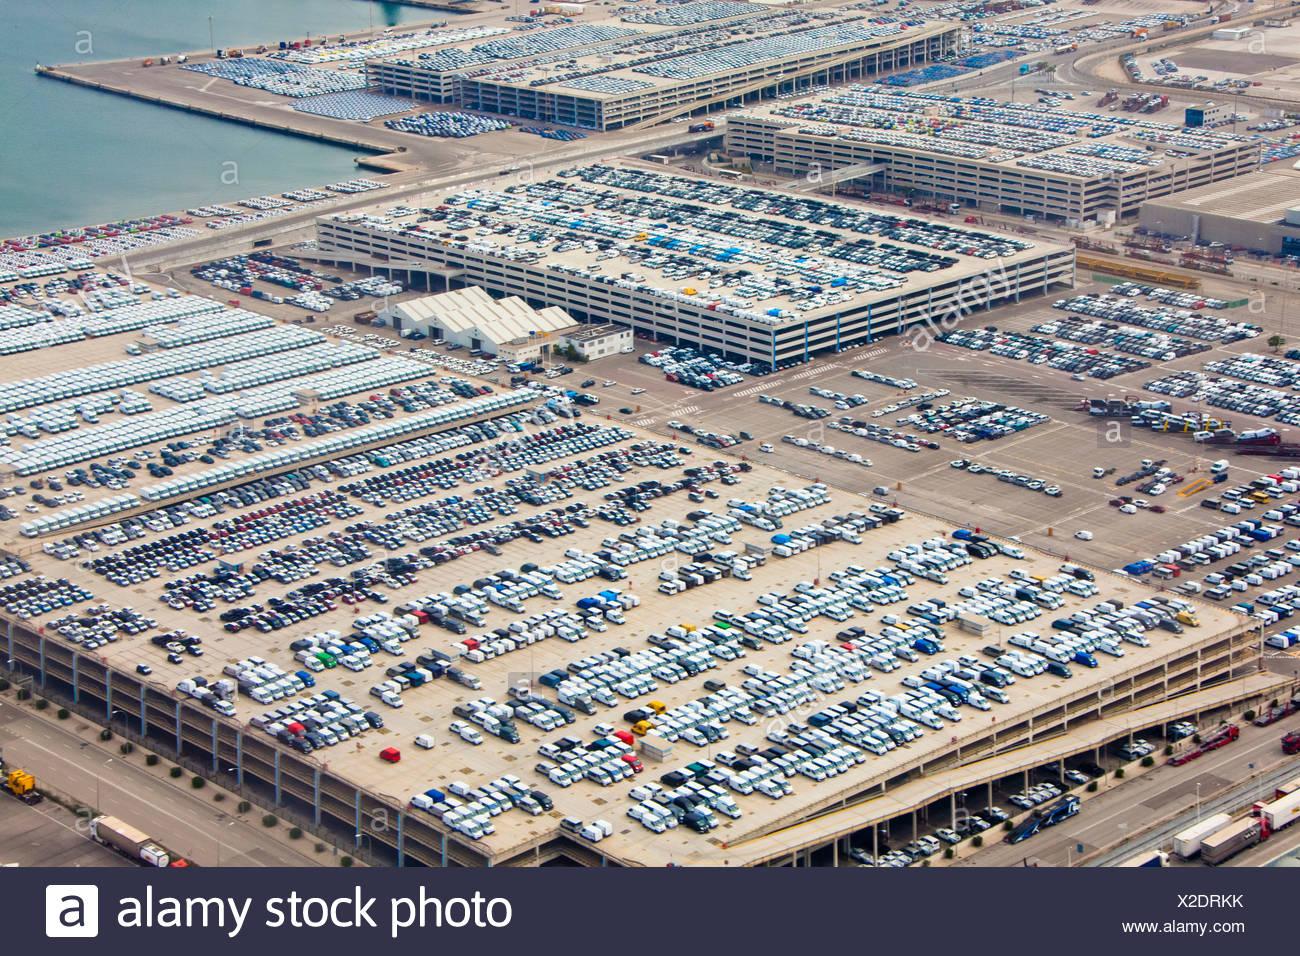 Espagne, Barcelone, port, Port, voitures, parking gratuit, l'exportation, vue aérienne, les affaires Photo Stock